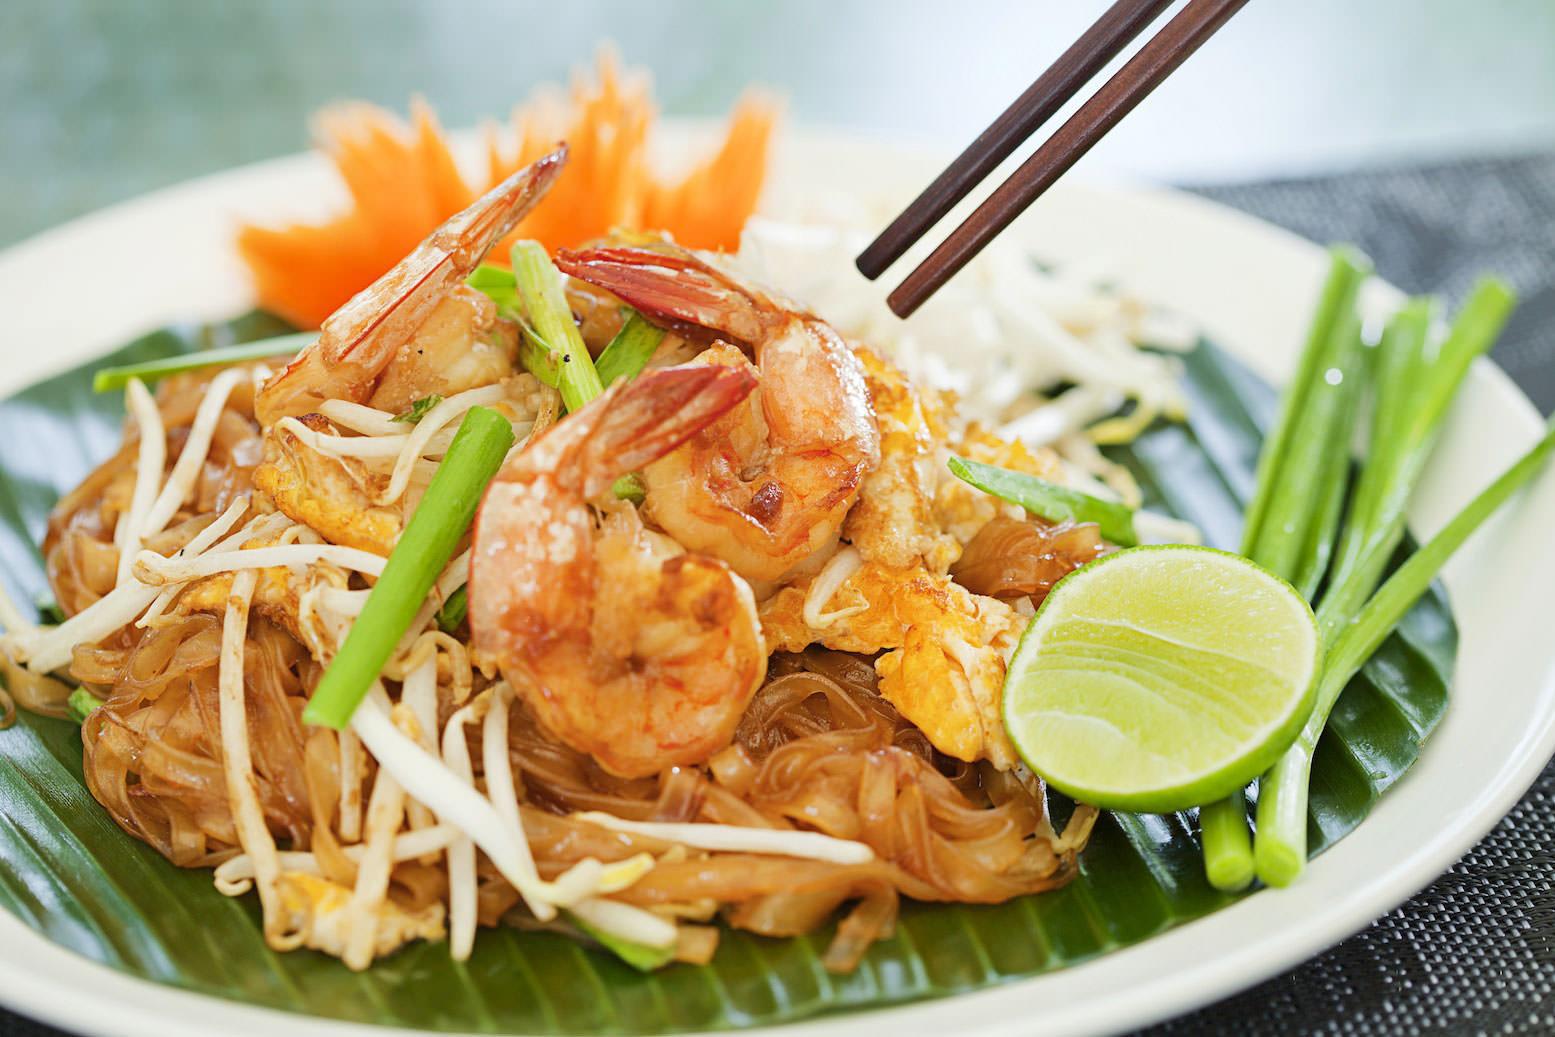 PAD THAI (CHICKEN/ PORK/ PRAWN)